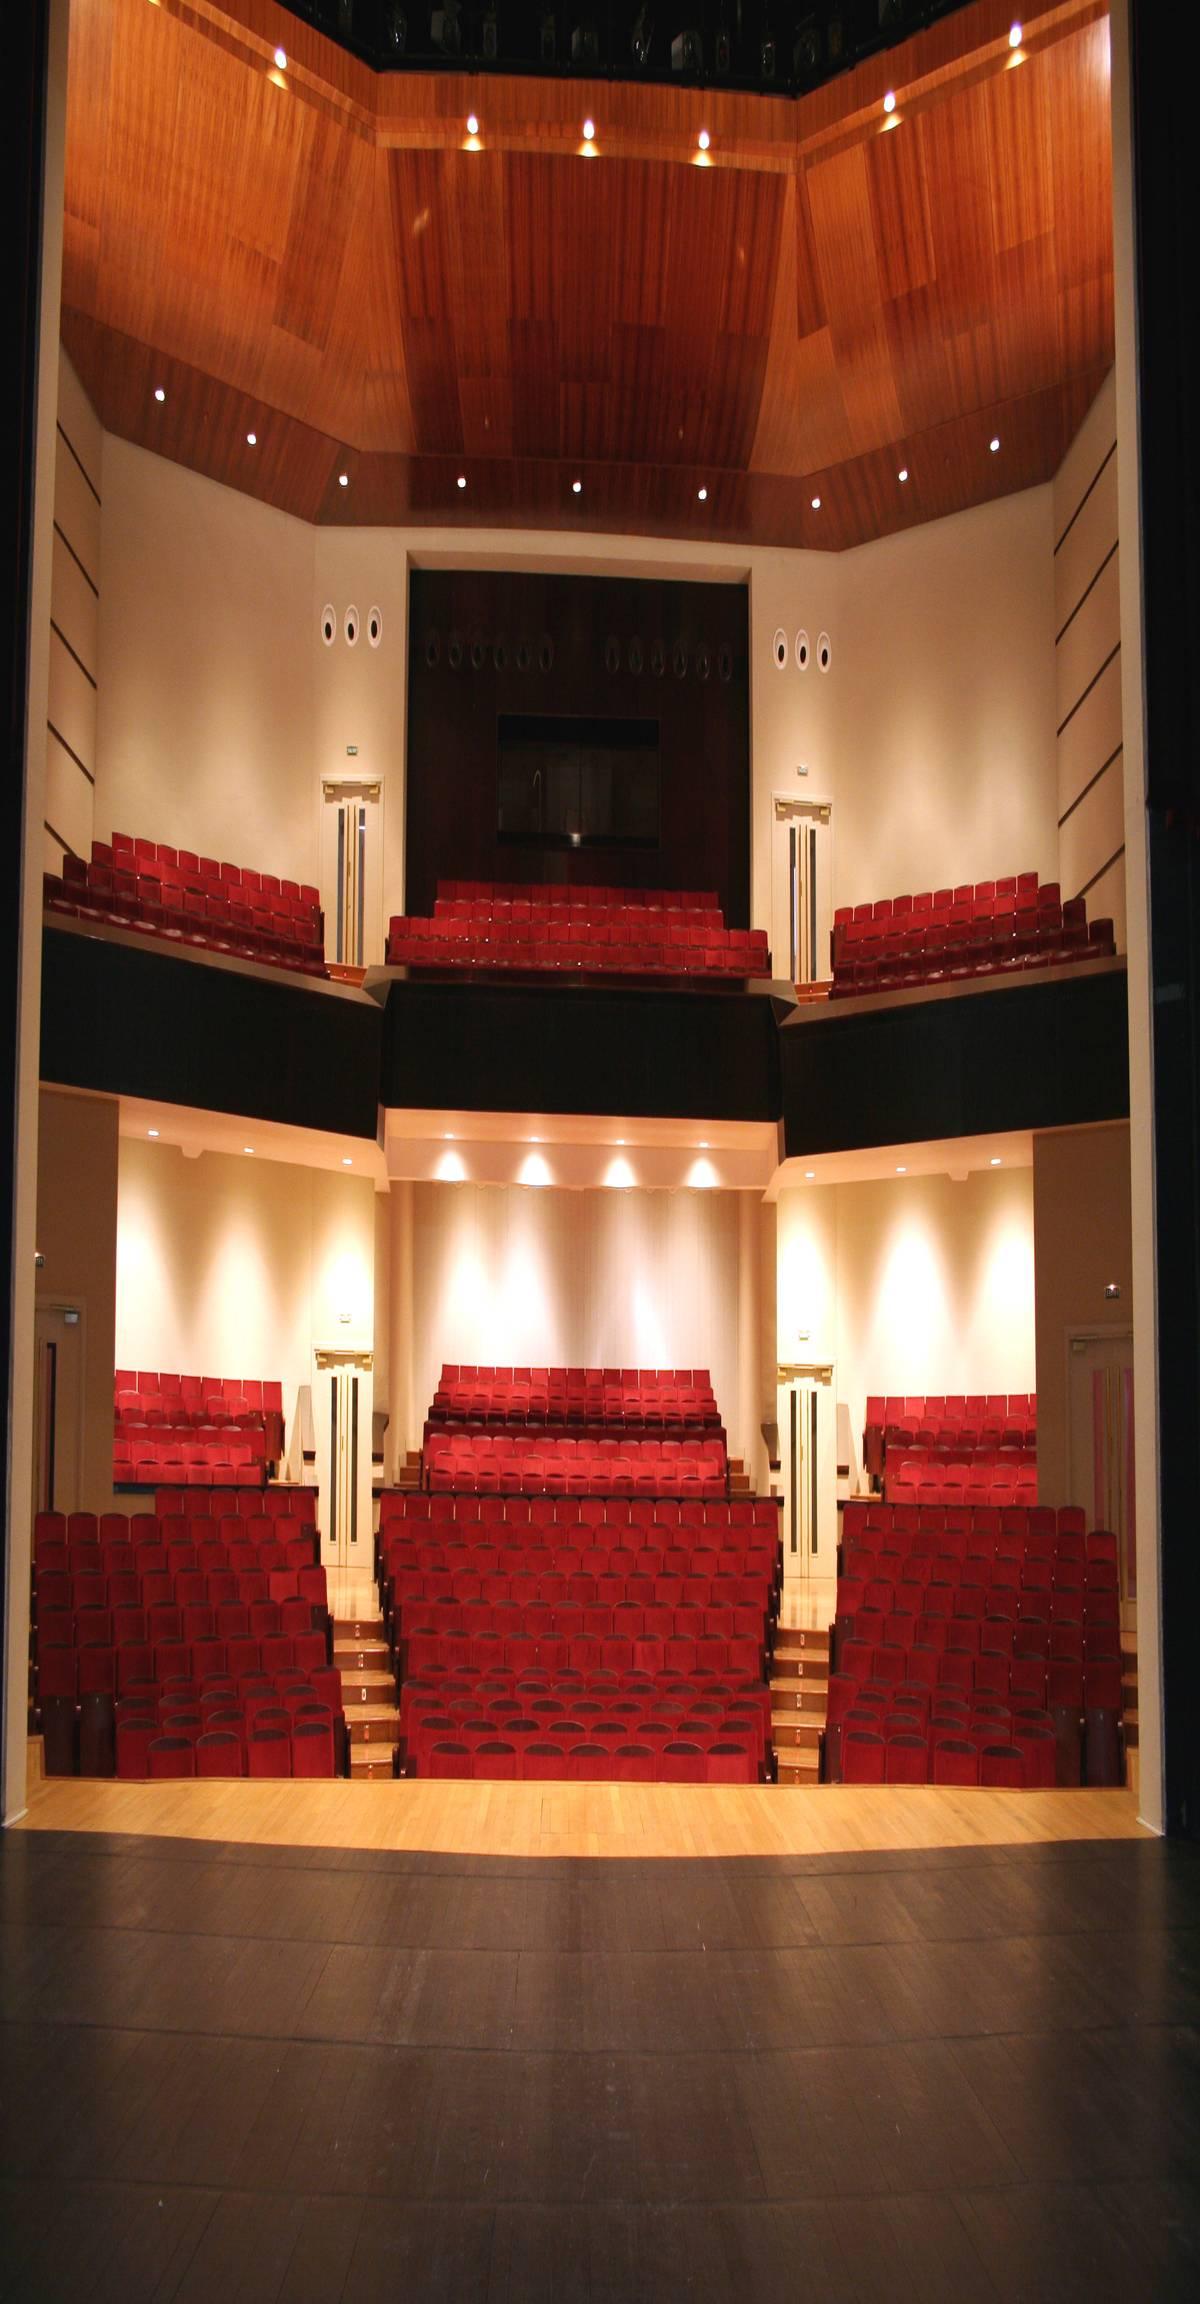 Teatro Municipal de Tomelloso